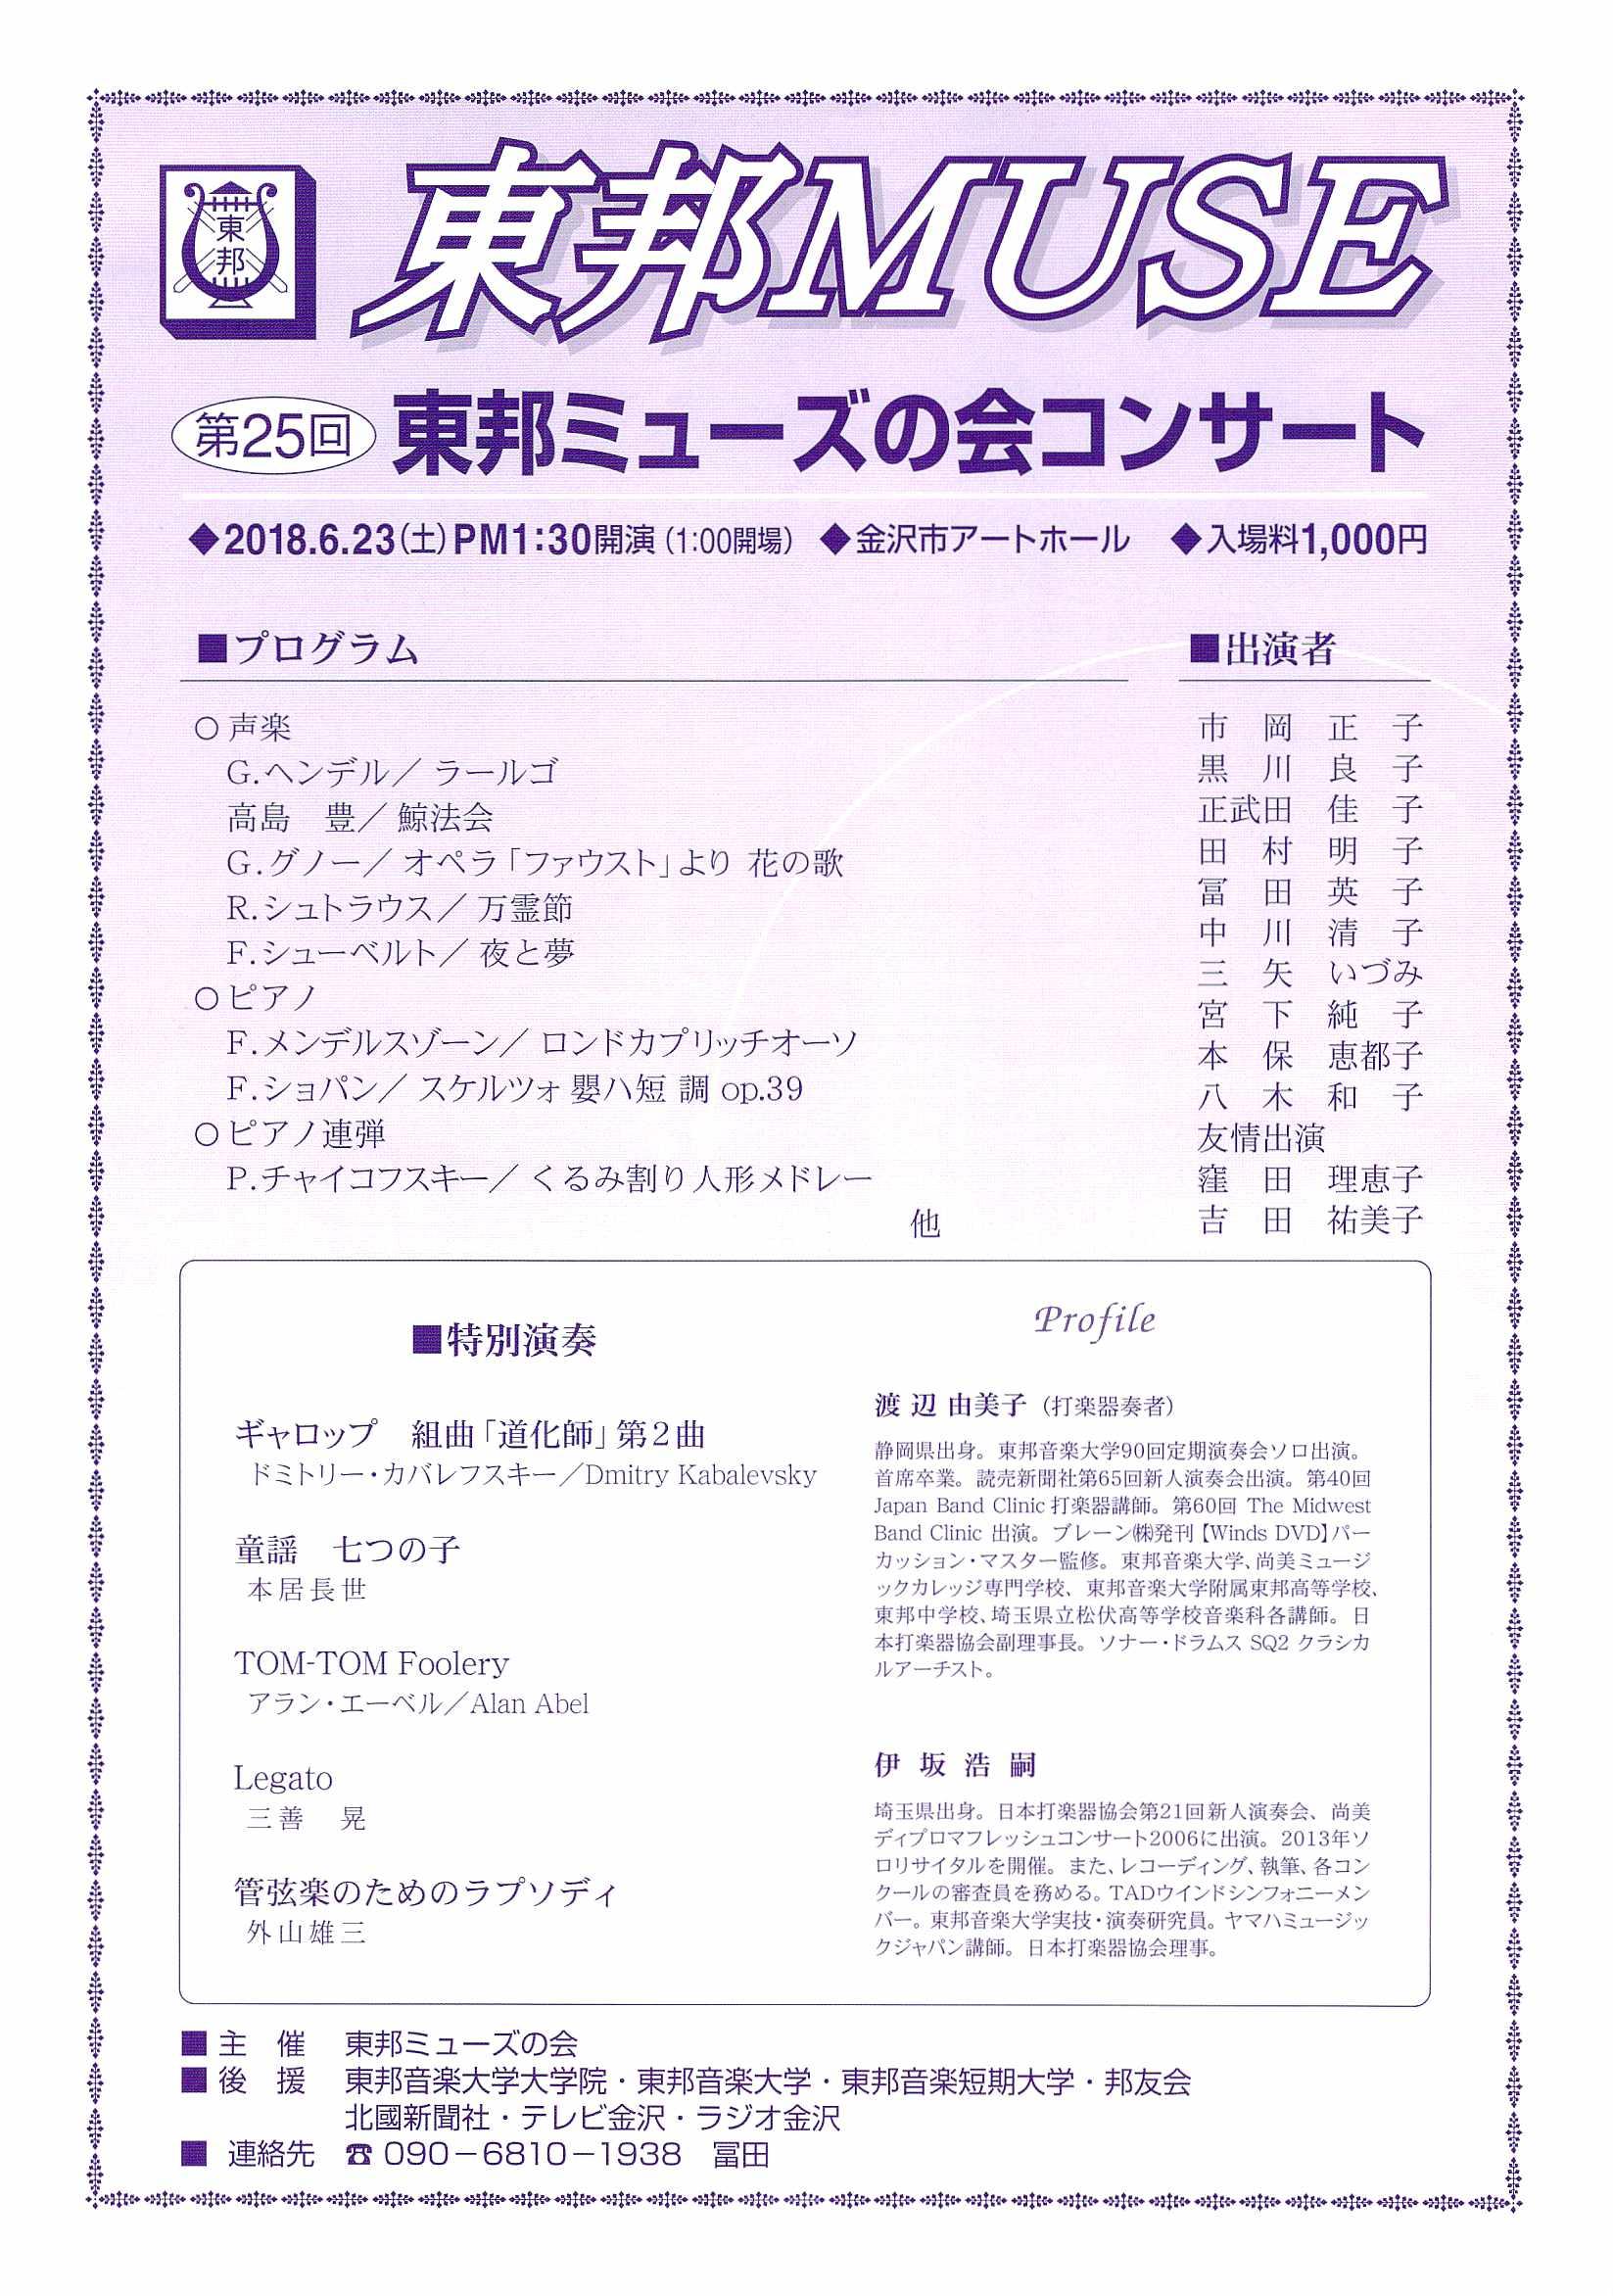 2018年6月23日(土) 東邦MUSE 第25回東邦ミューズの会コンサート